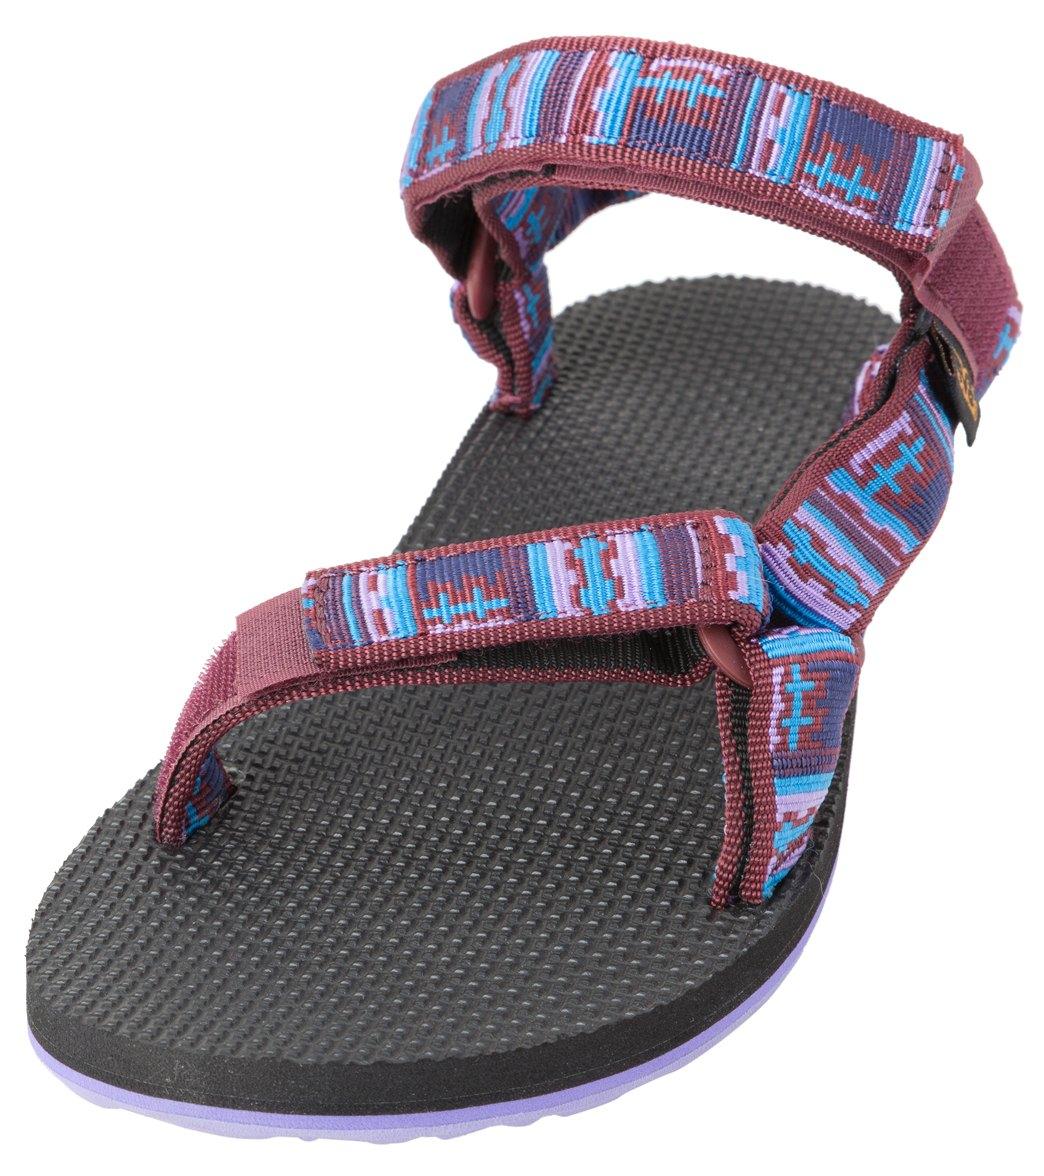 83212417497743 Teva Women s Original Universal Inca Sandal at SwimOutlet.com